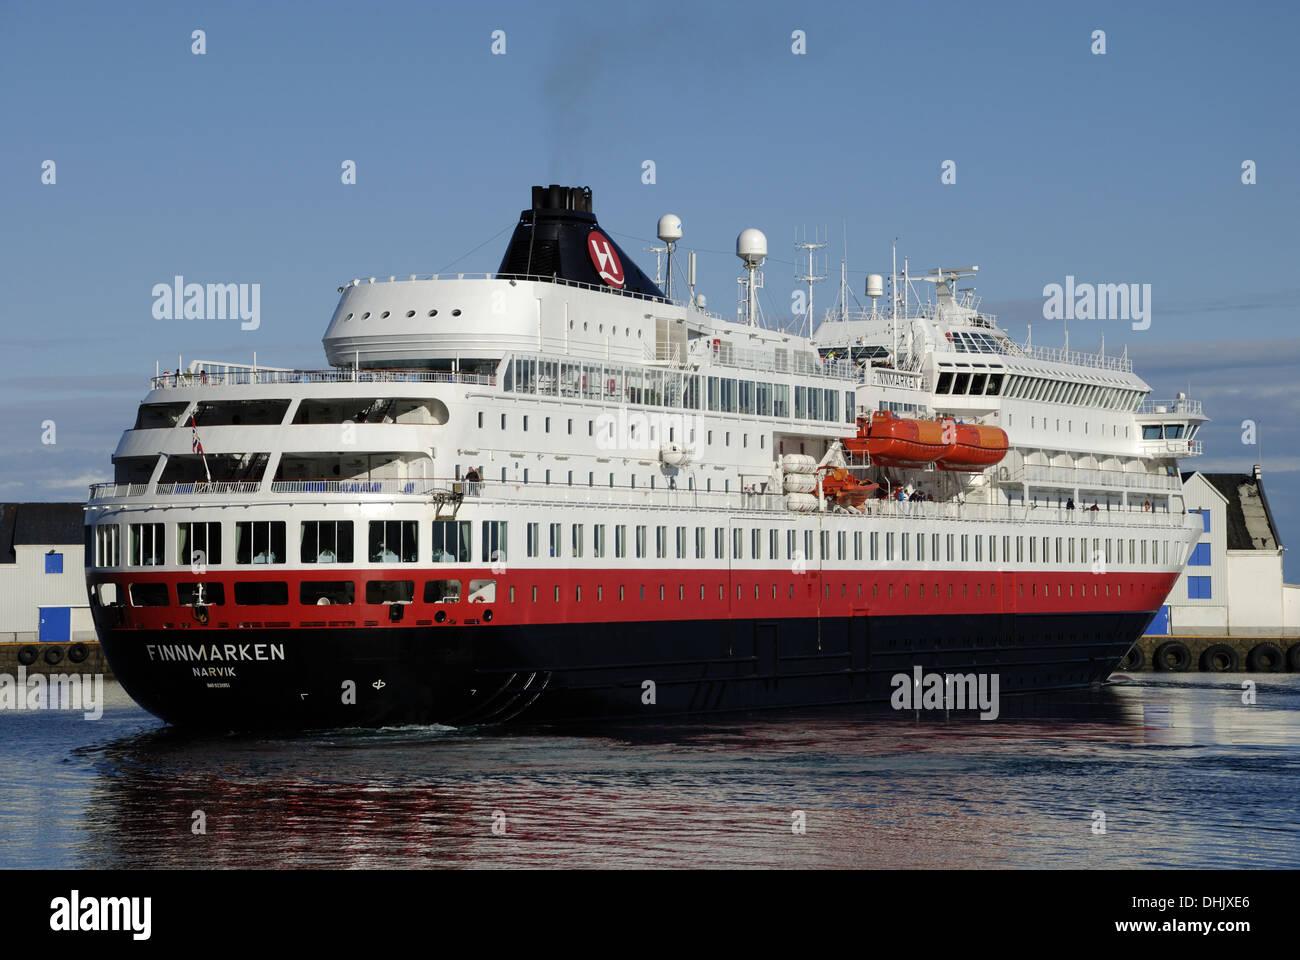 MS Finnmarken in Stamsund - Stock Image